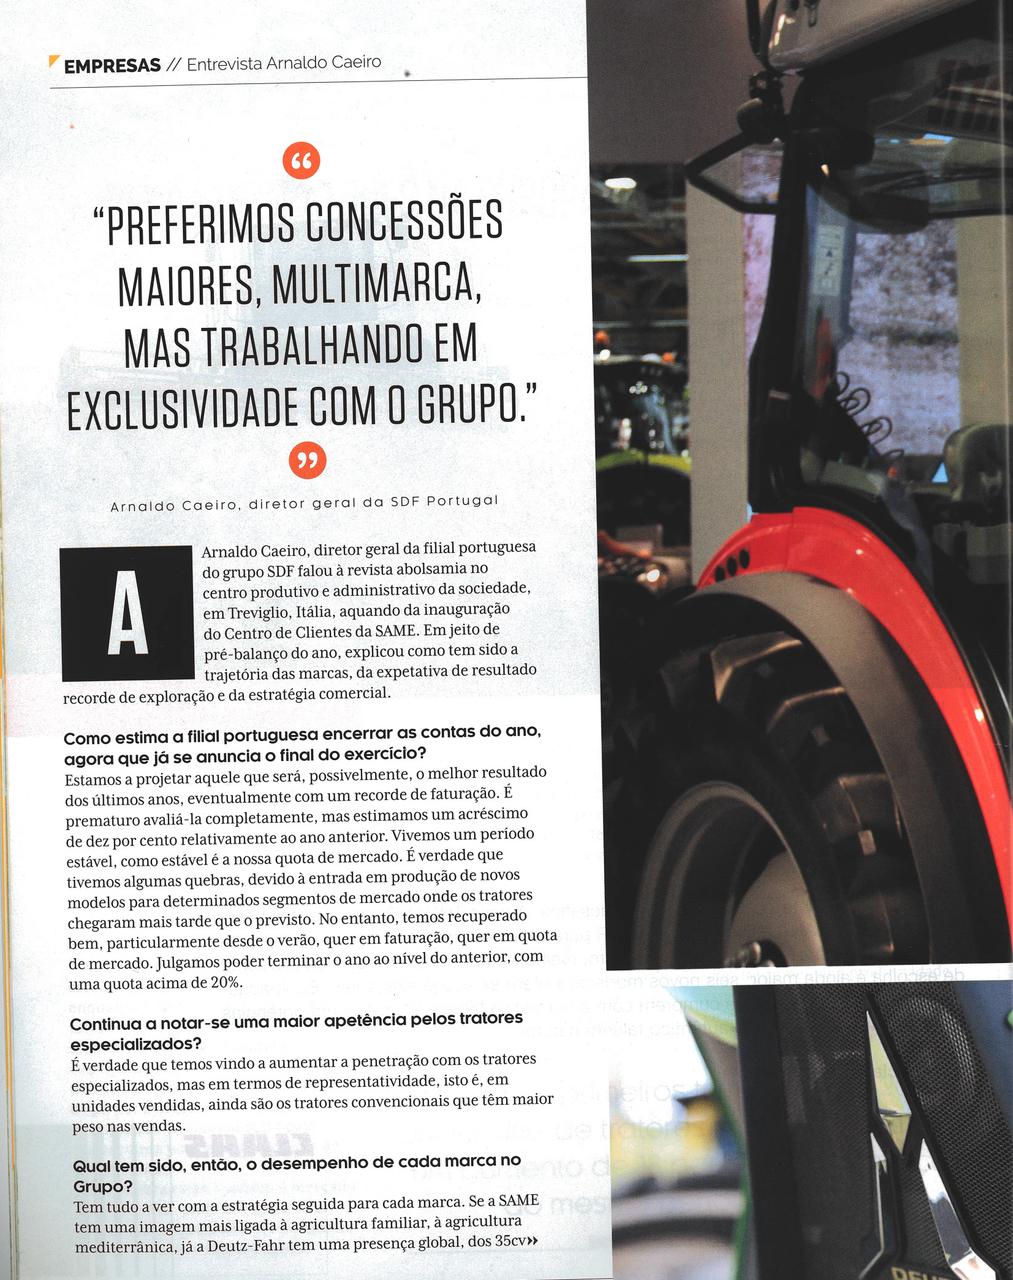 Entrevista Arnaldo Caeiro